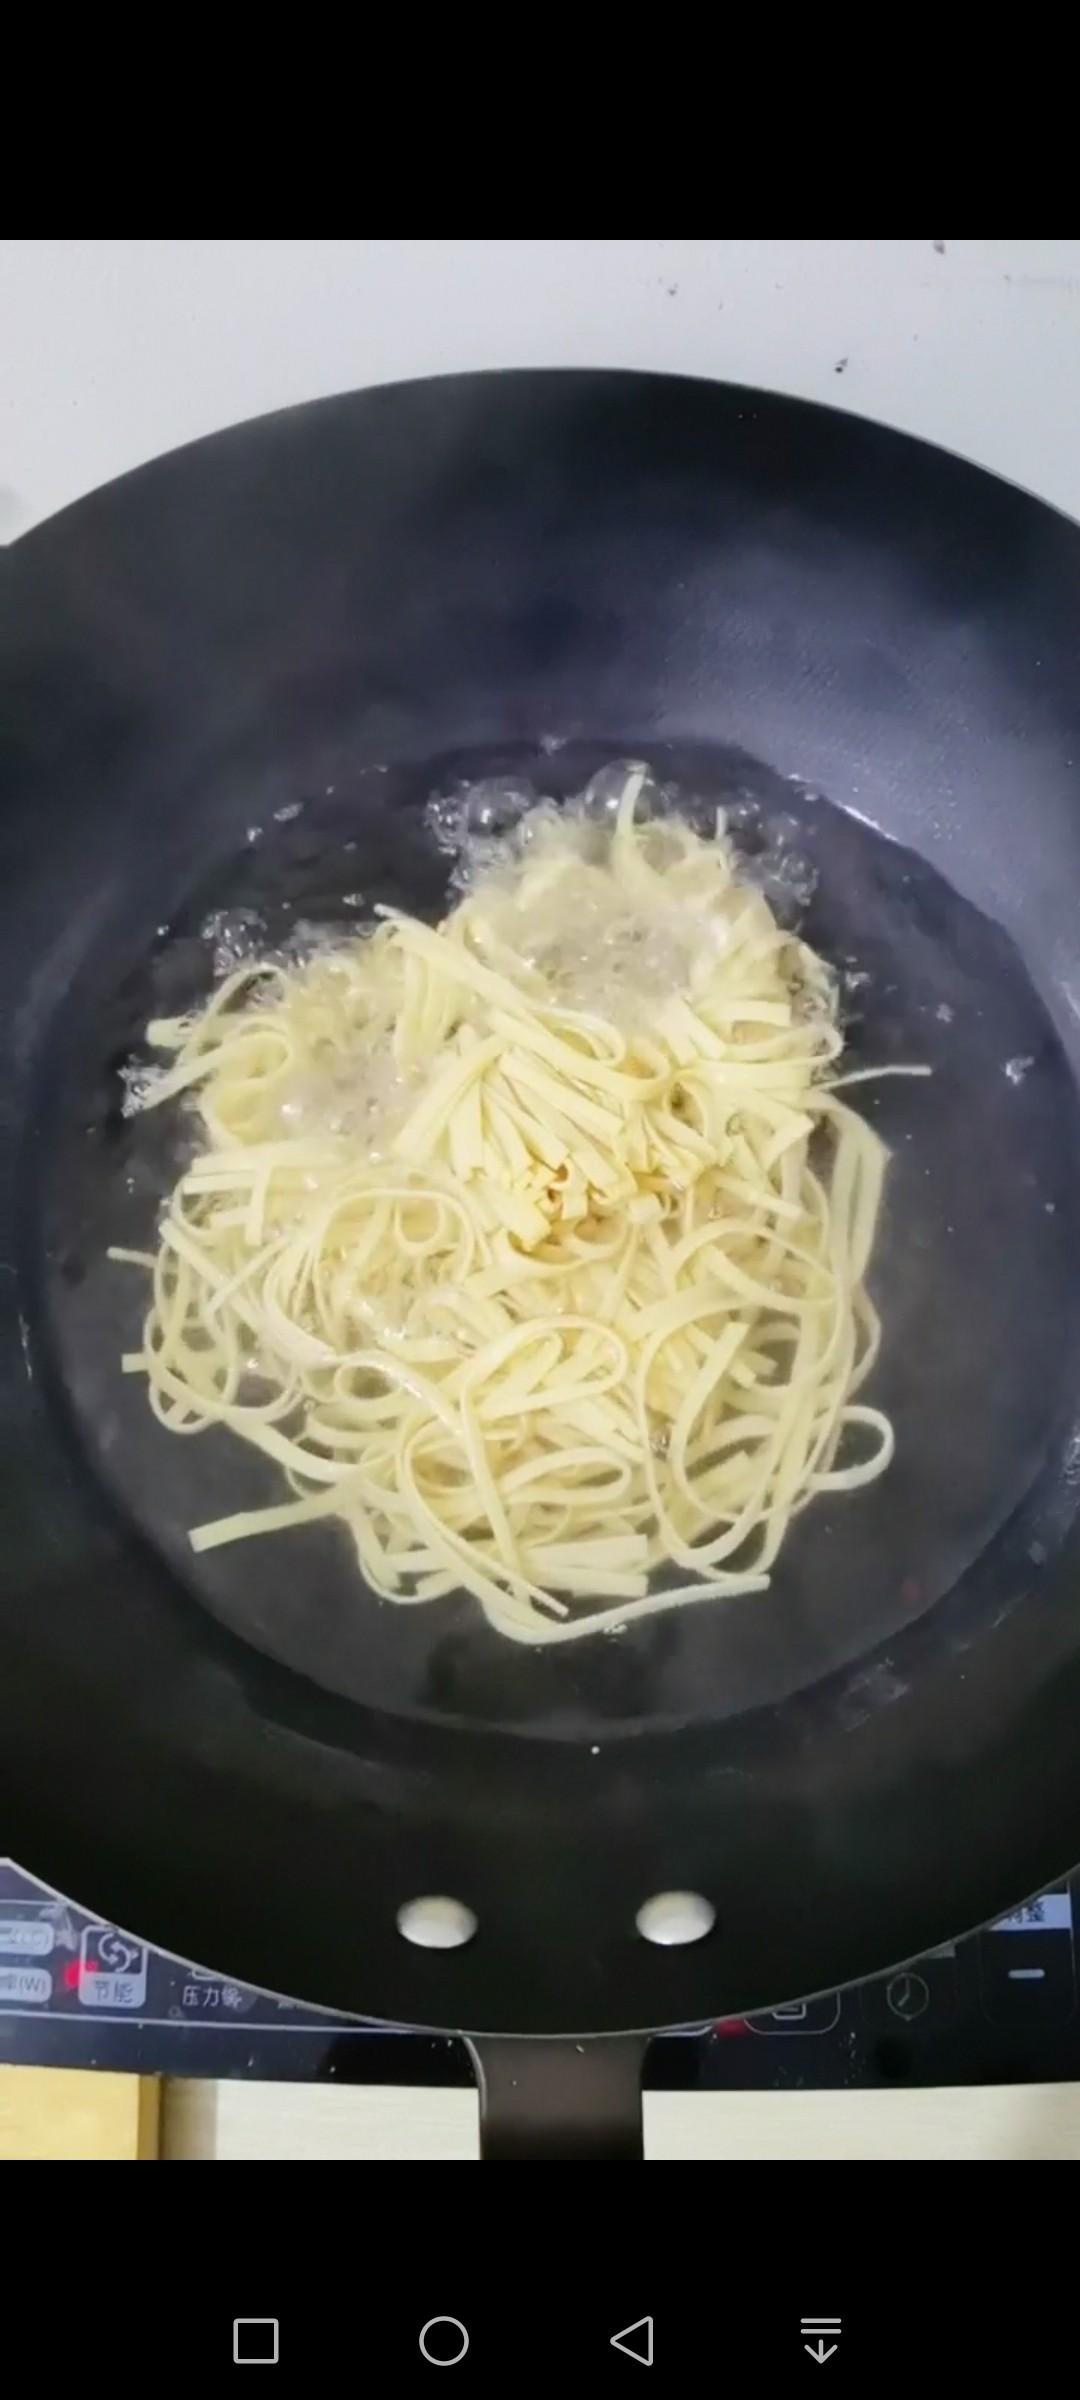 凉拌干豆腐丝的做法图解